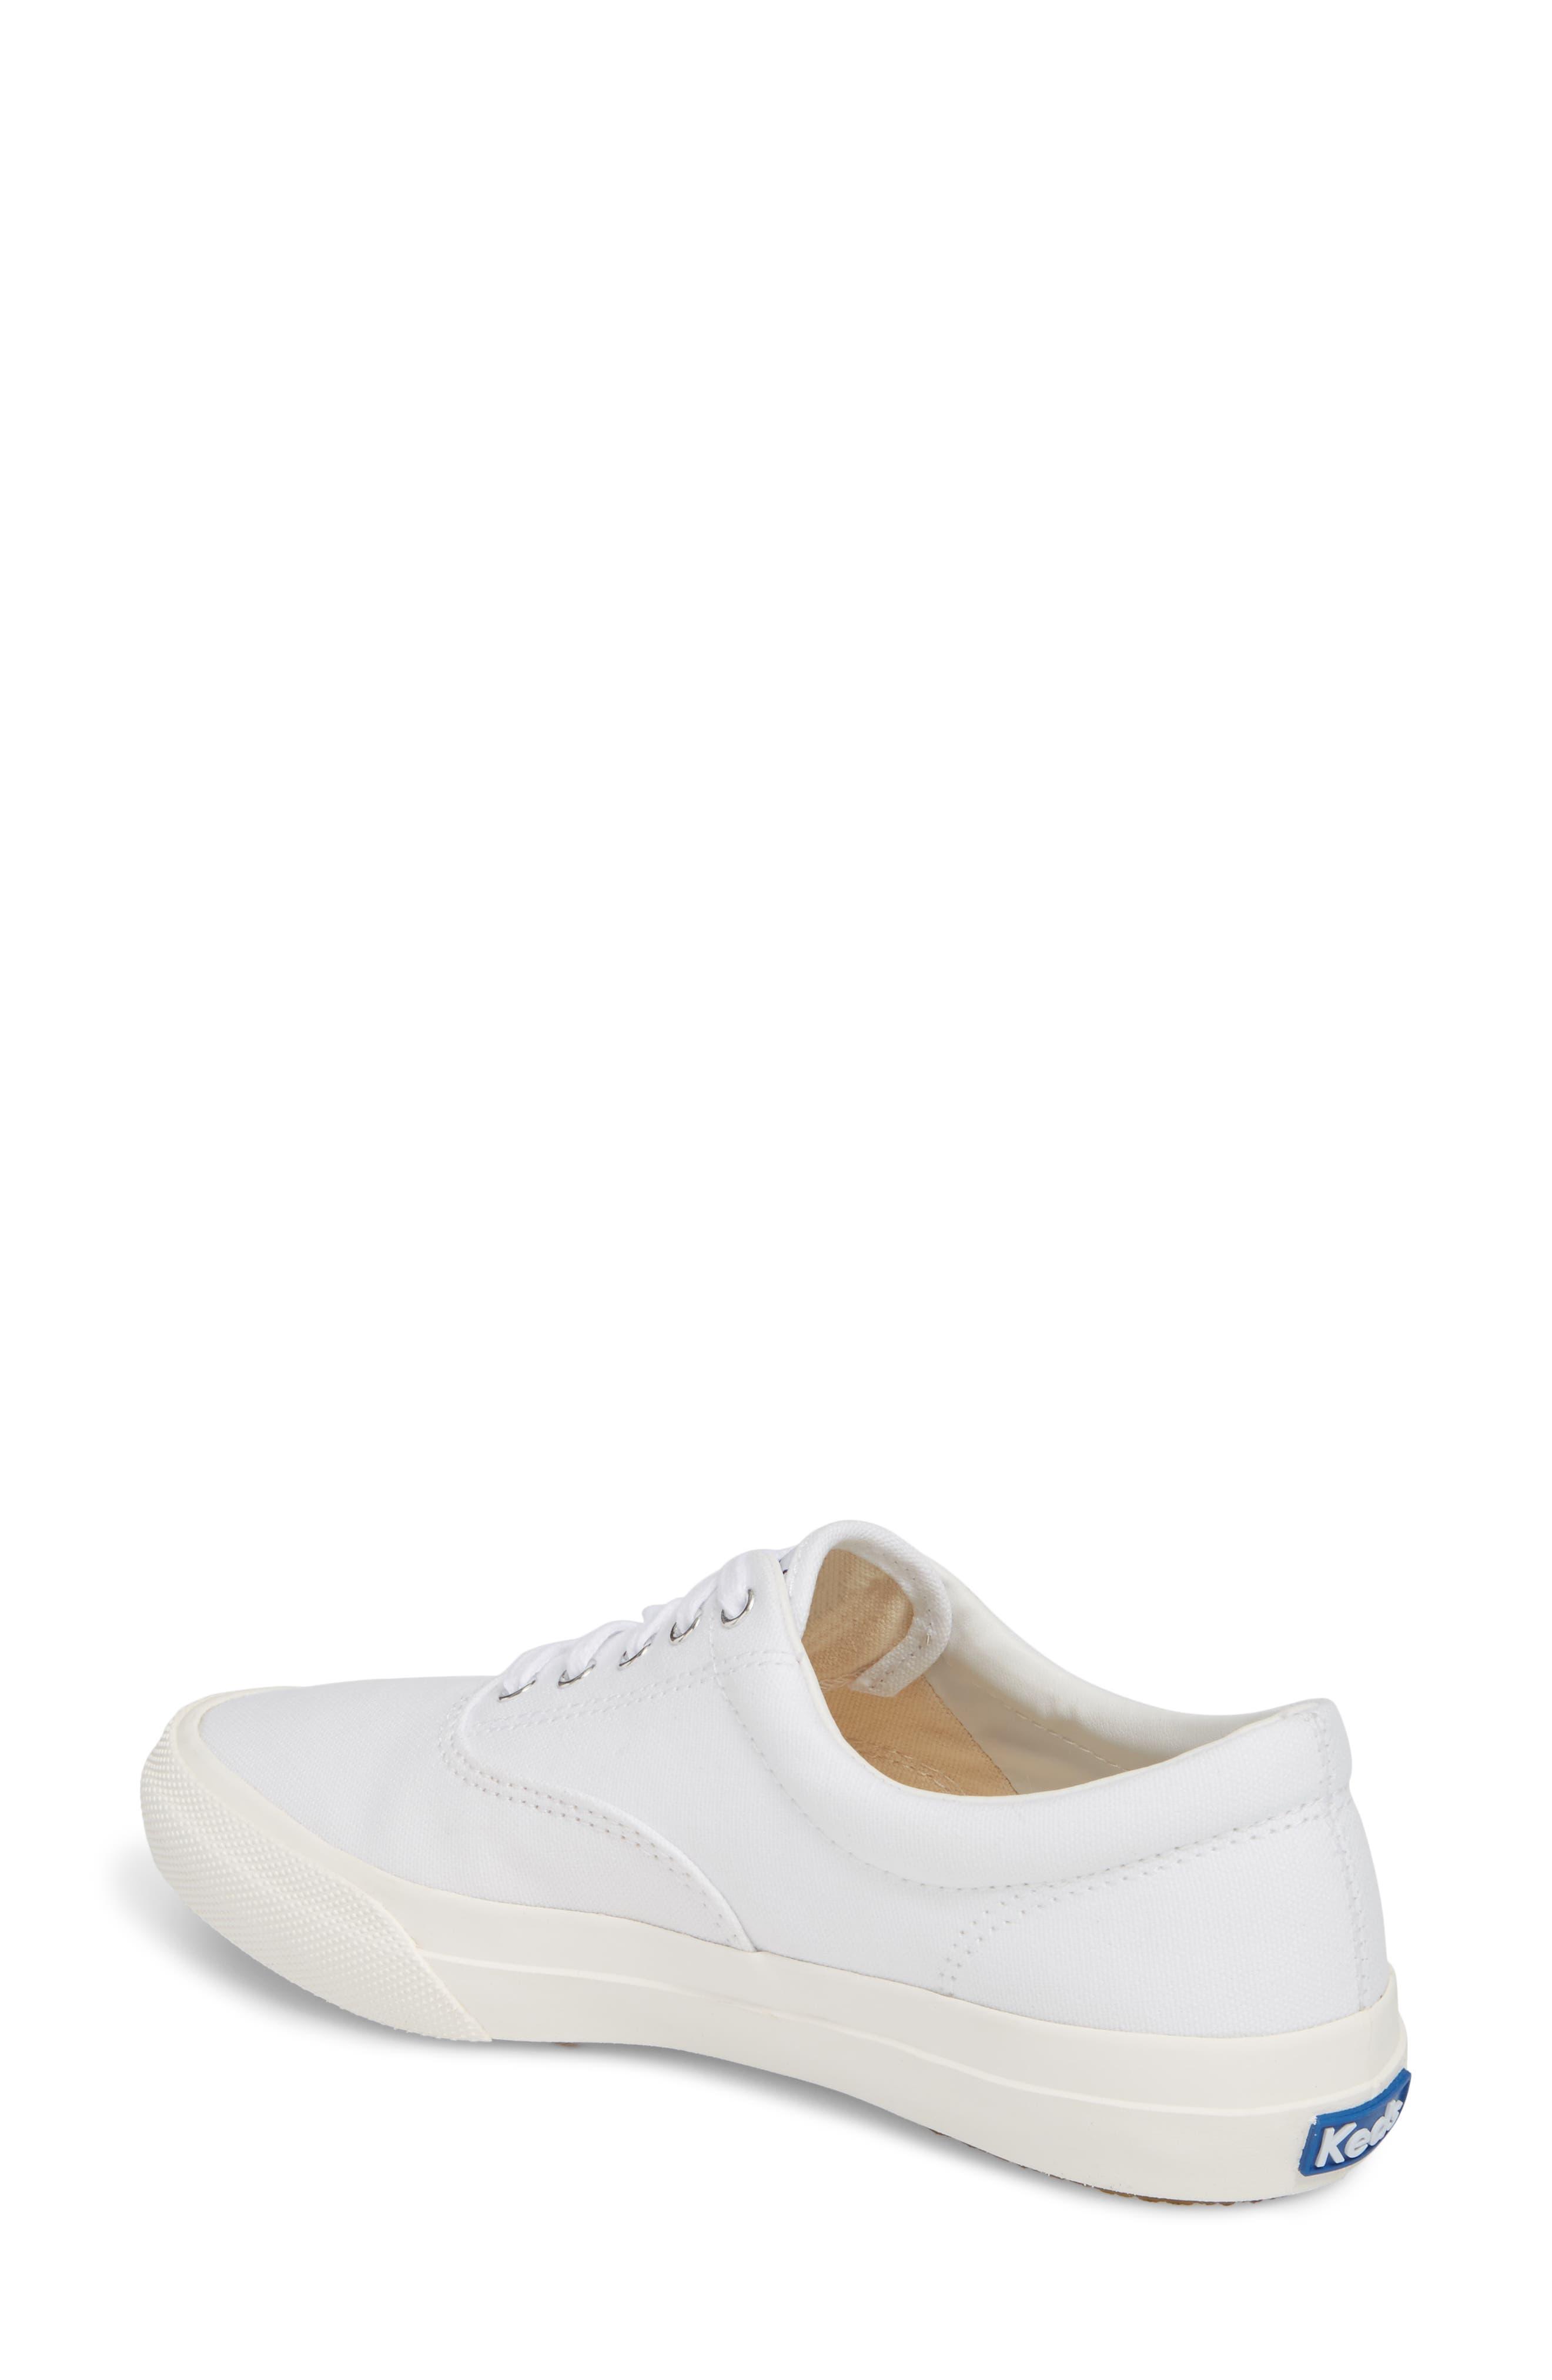 Anchor Sneaker,                             Alternate thumbnail 2, color,                             White